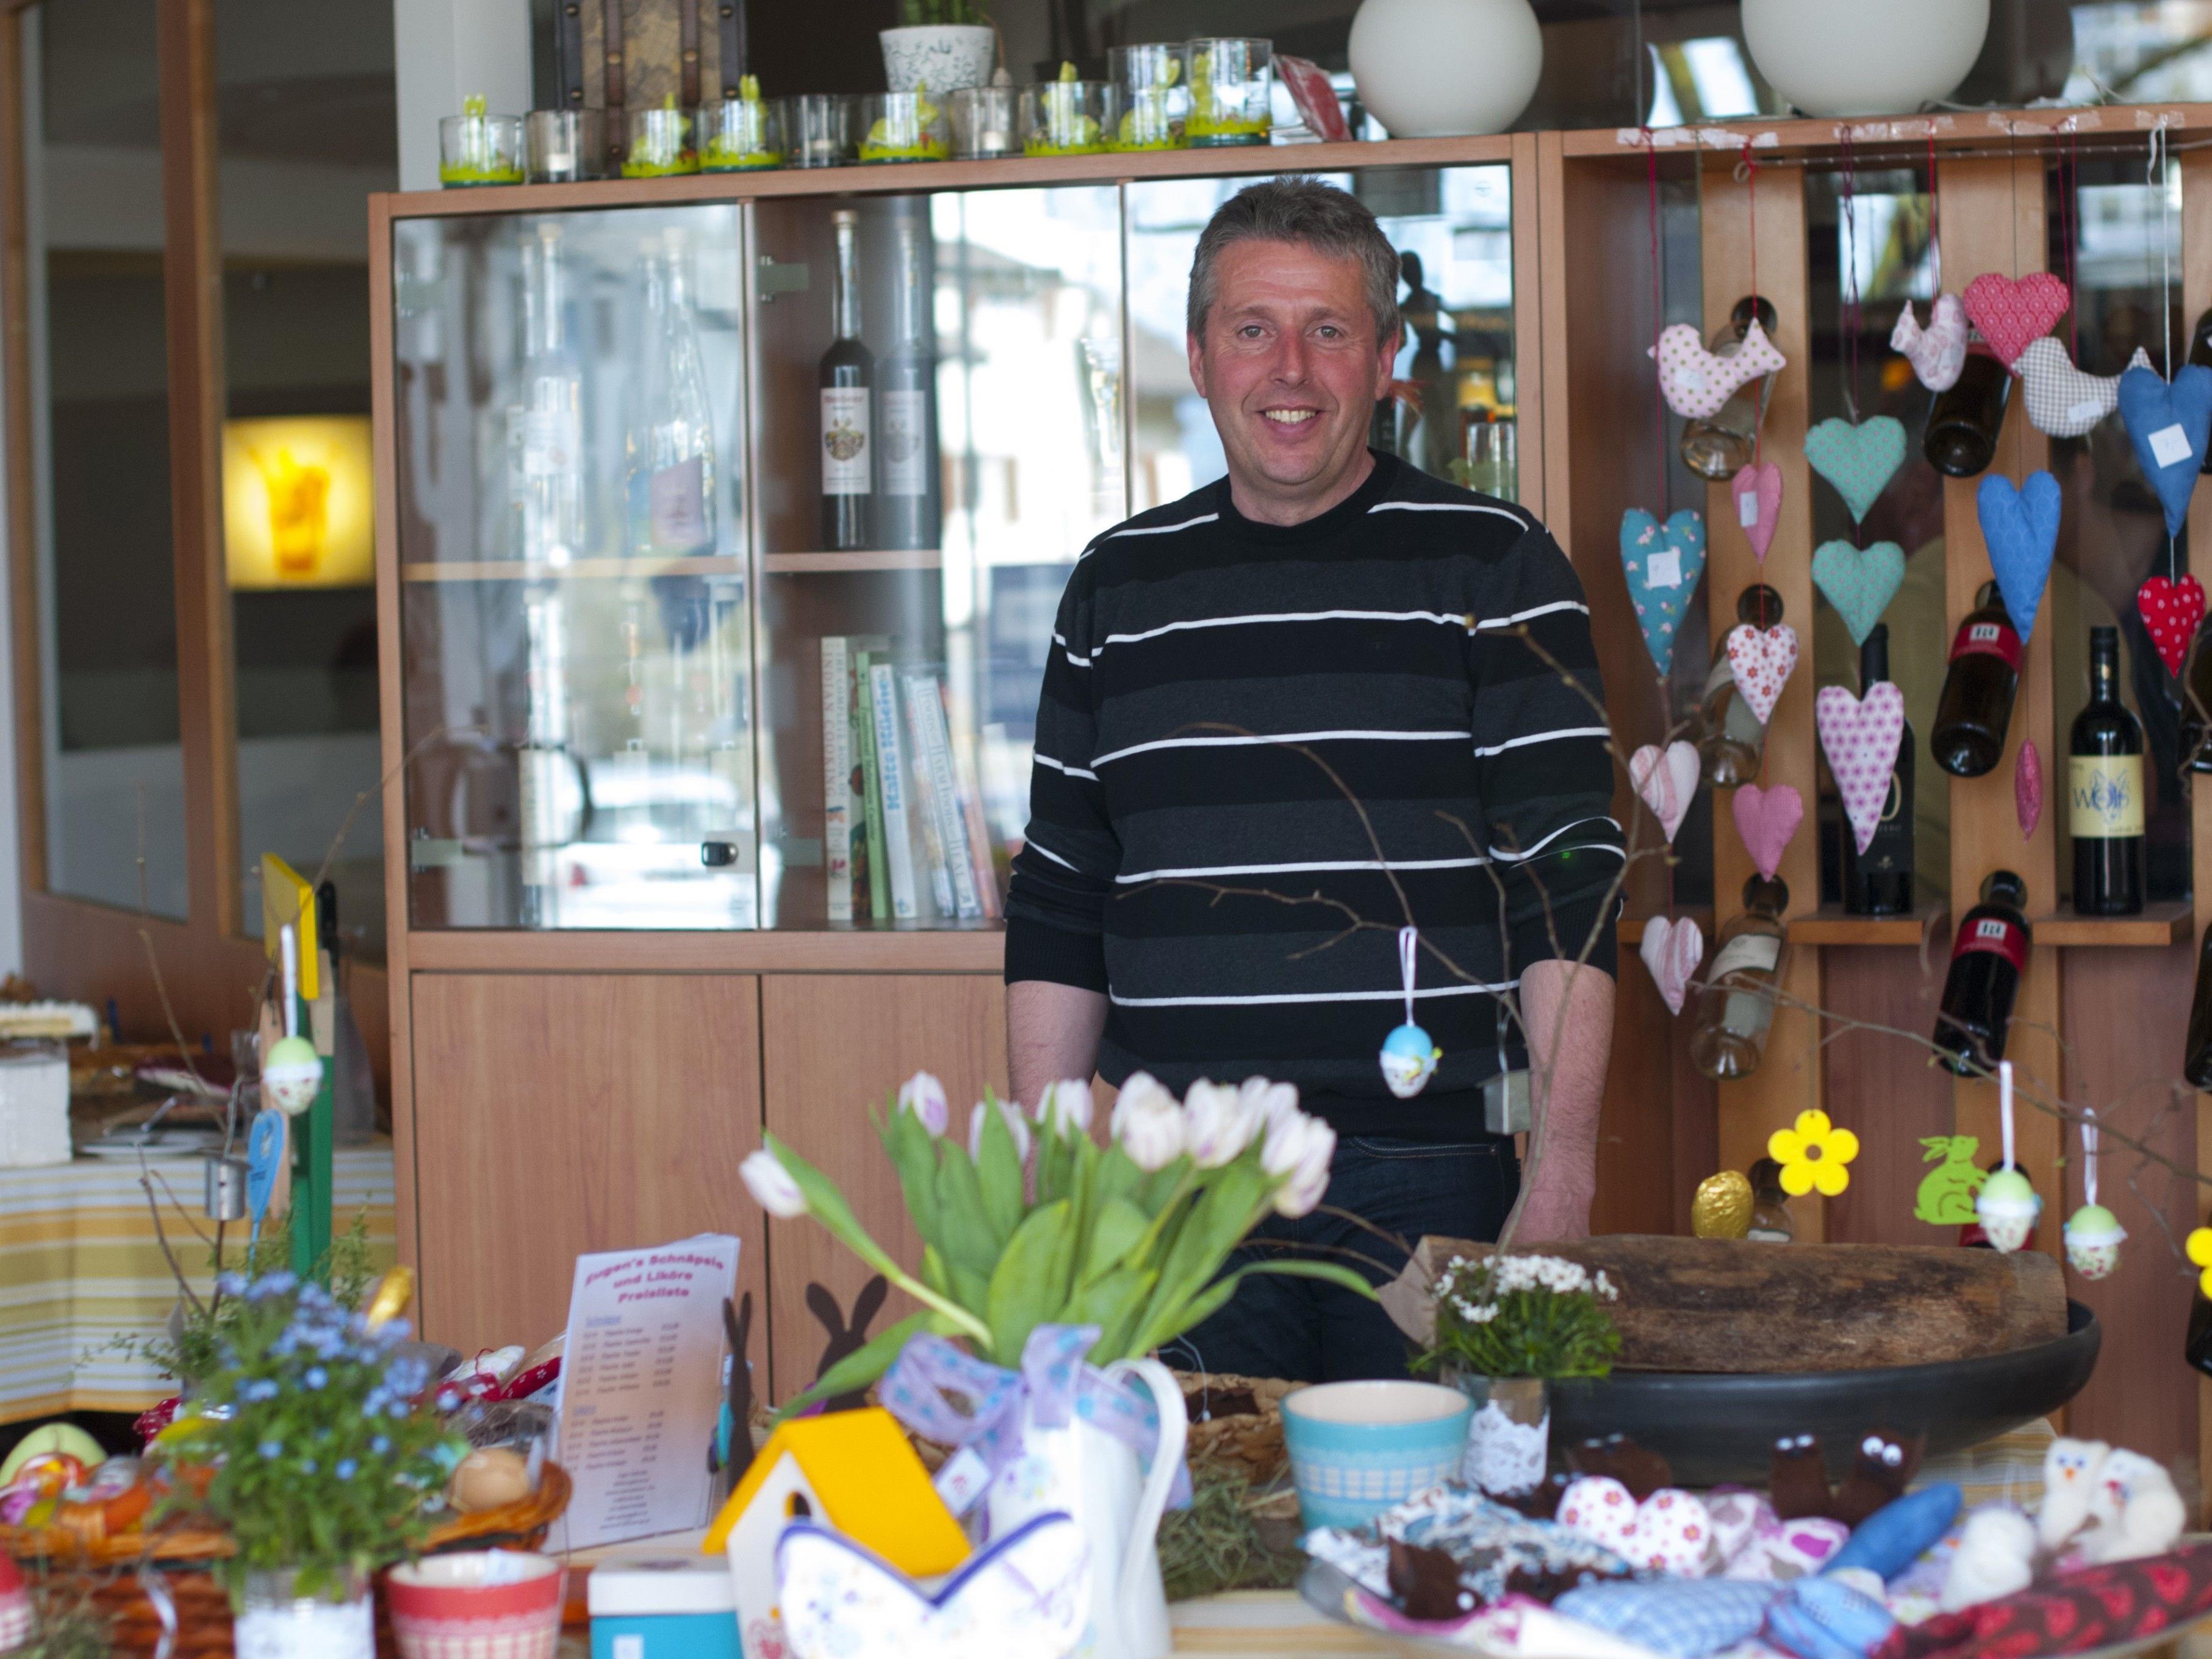 Christian Bösch vom Projekt Herzenssache freut sich am Sonntag auf zahlreiche Besucher beim Osterbasar, die mit ihrem Einkauf wieder Gutes tun.